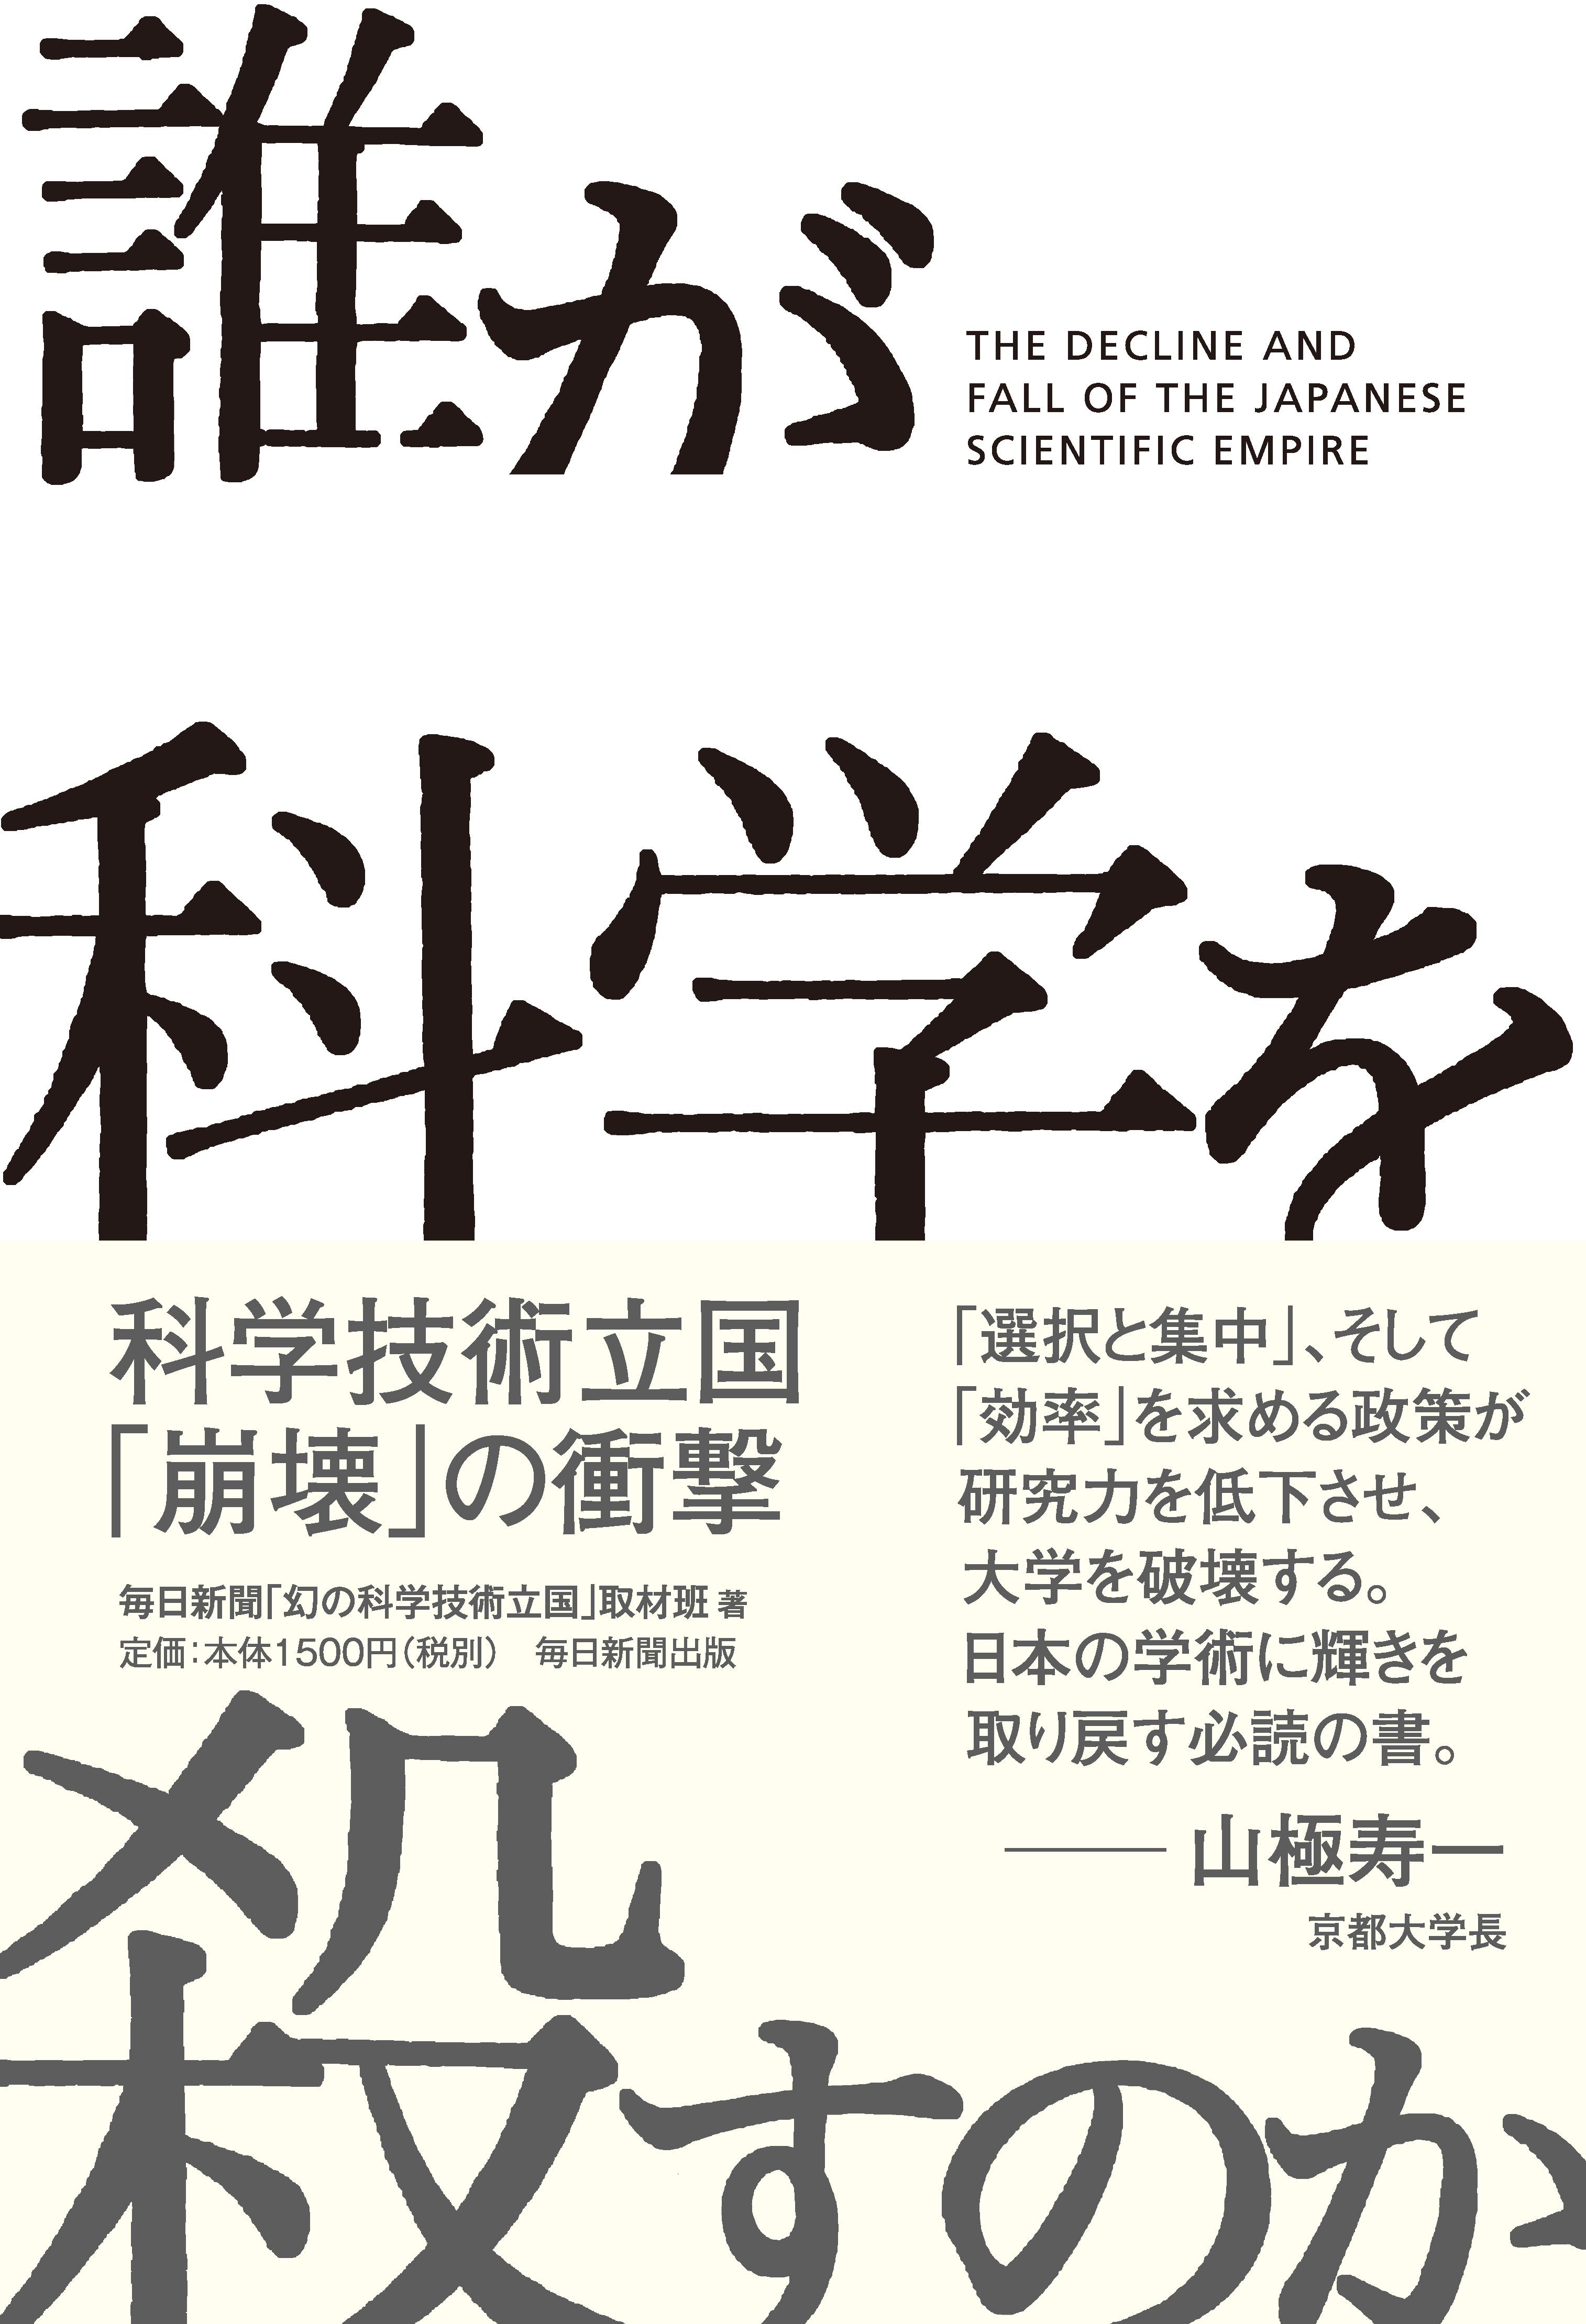 書影:誰が科学を殺すのか 科学技術立国「崩壊」の衝撃